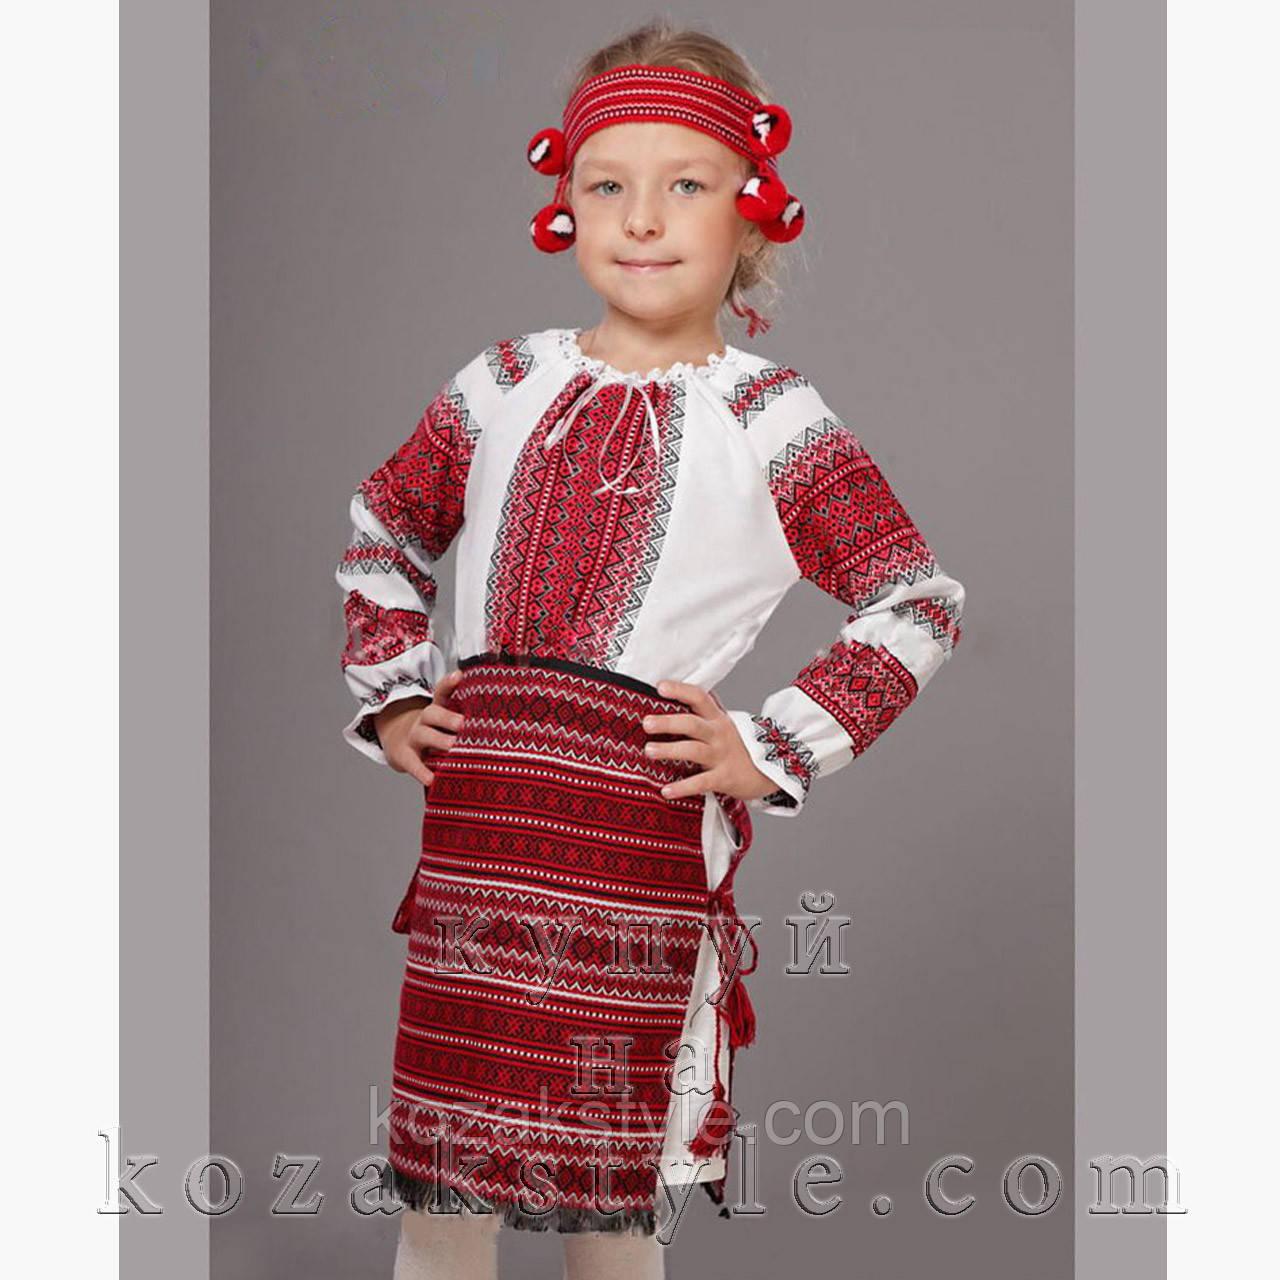 Український костюм з 3-х предметів на дівчинку 5-12 років